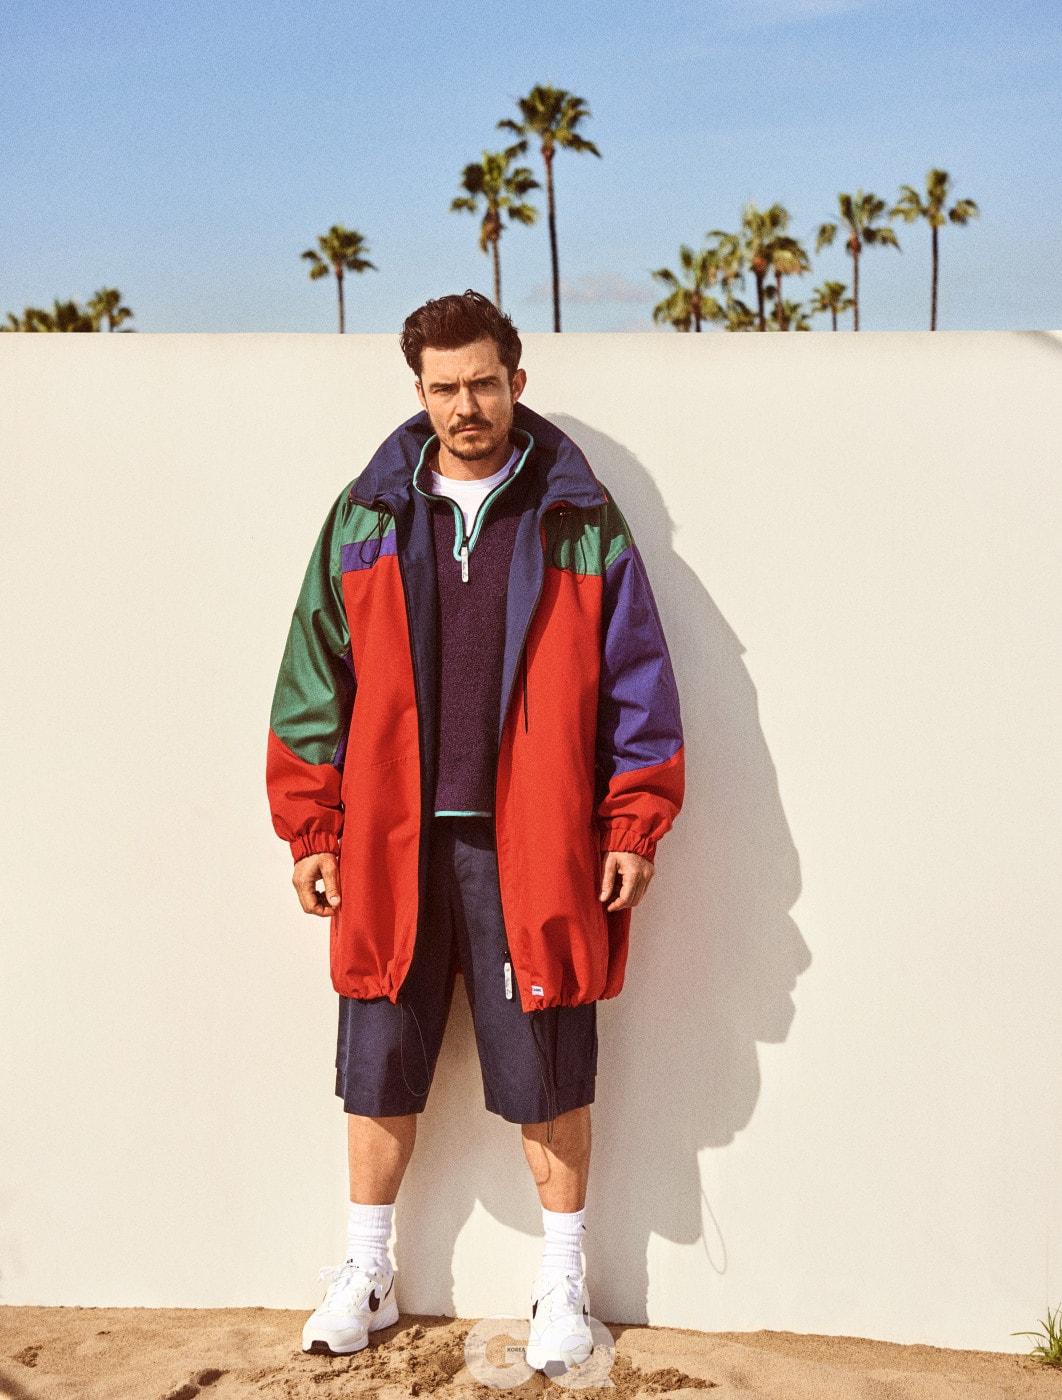 재킷, 스웨터, 바지, 모두 마틴 로즈. 티셔츠, 선스펠. 스니커즈, 나이키. 양말, 폴로 랄프 로렌.